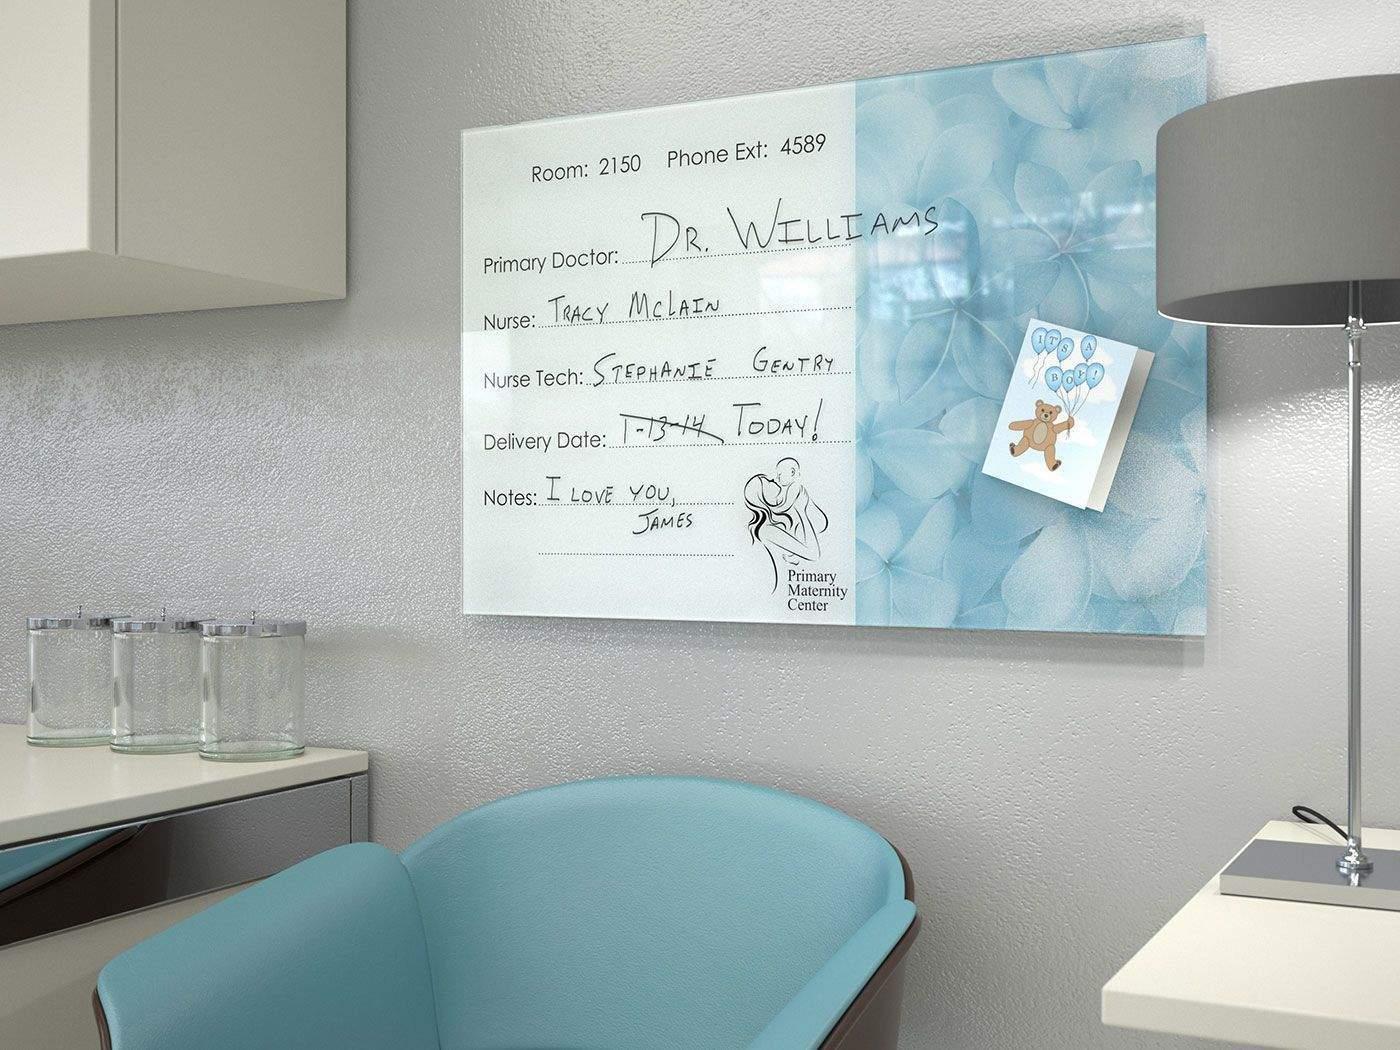 Doctors-office-2f-float-3-1.jpg